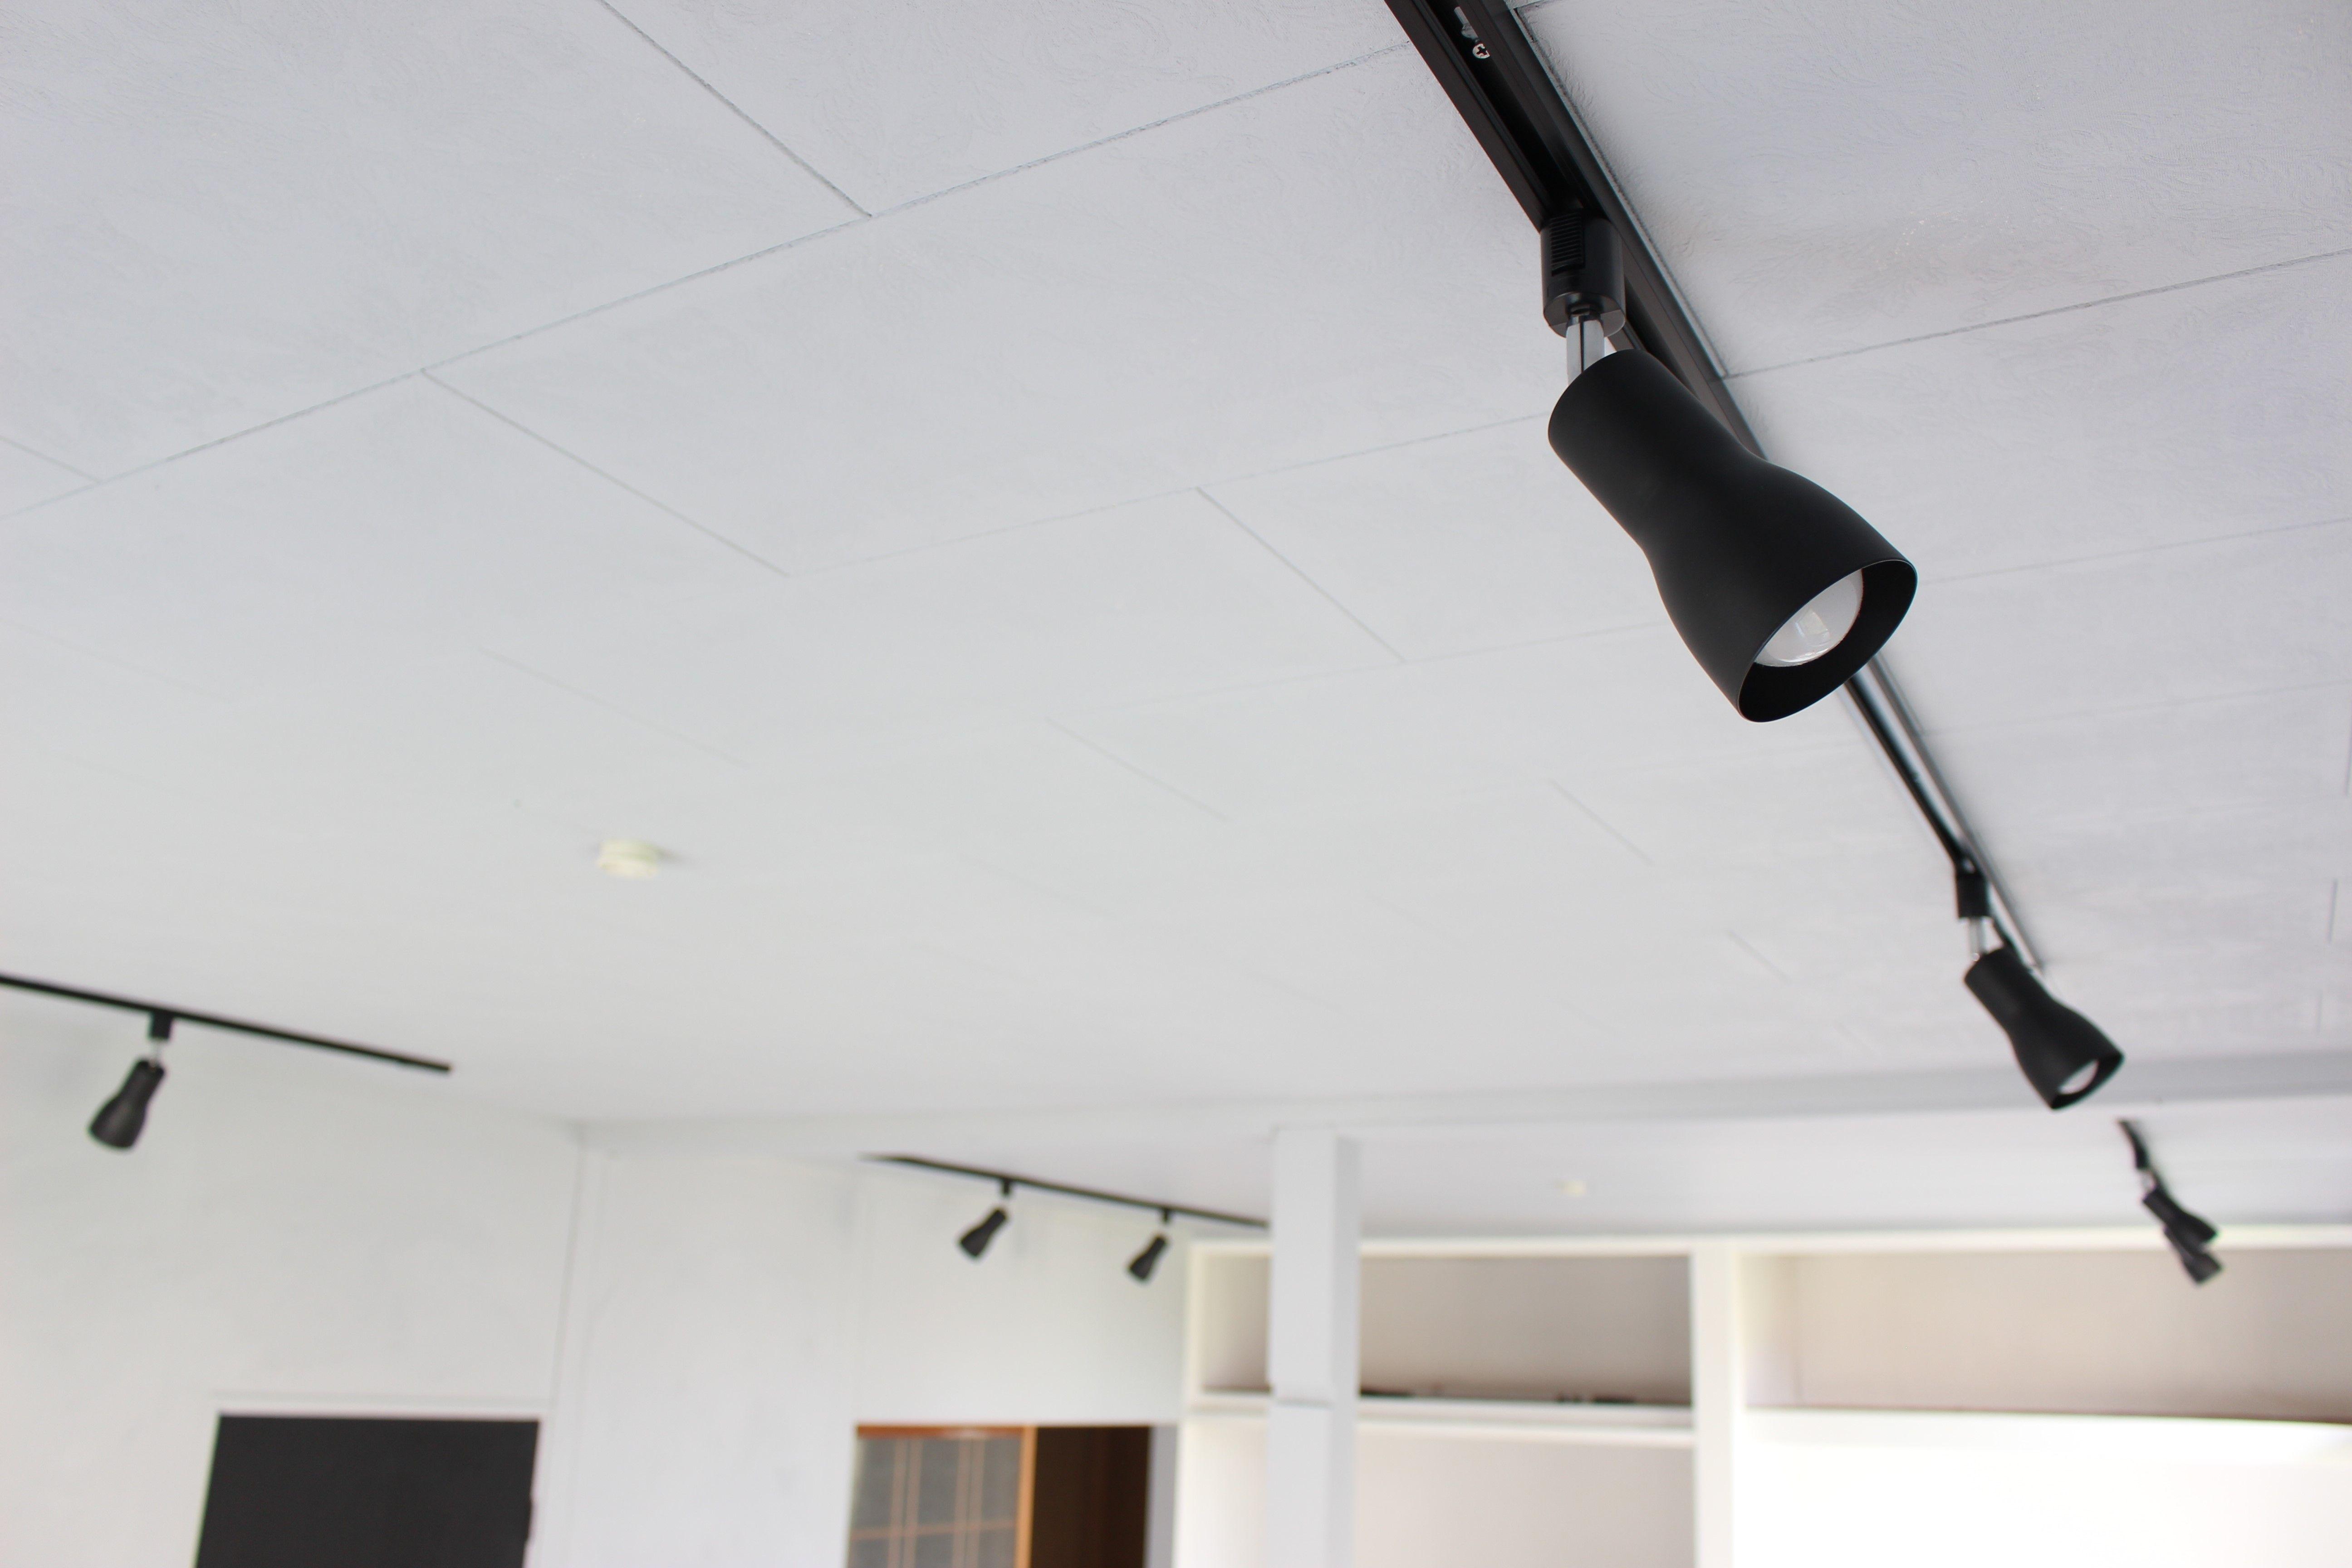 リモコン操作可能なダクトレール照明を取り付ける ライティングレール